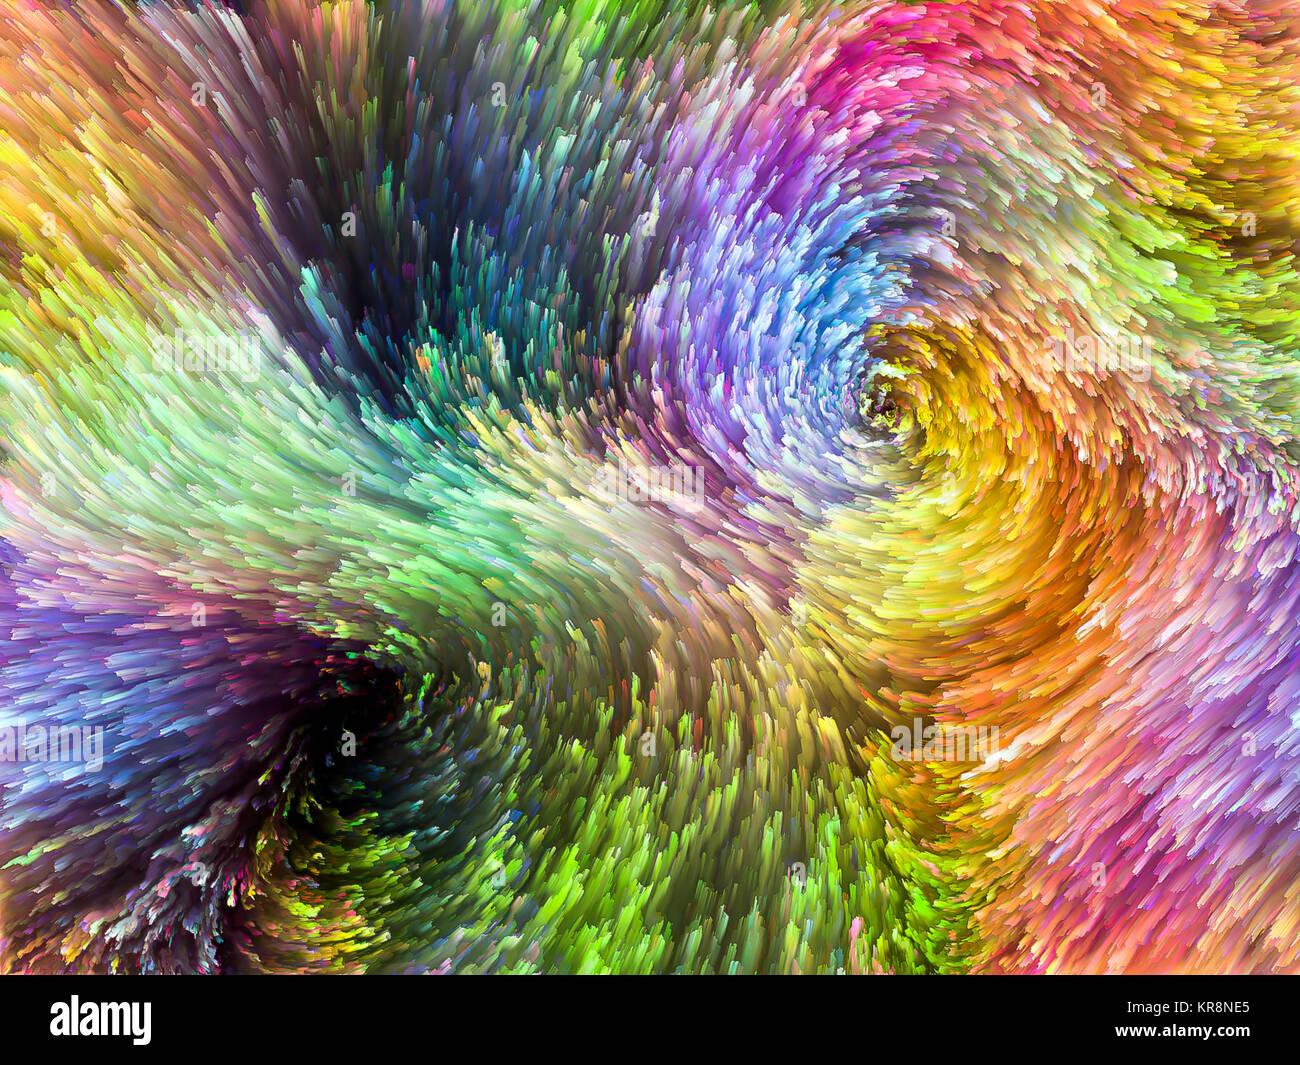 Explosión de color Imagen De Stock